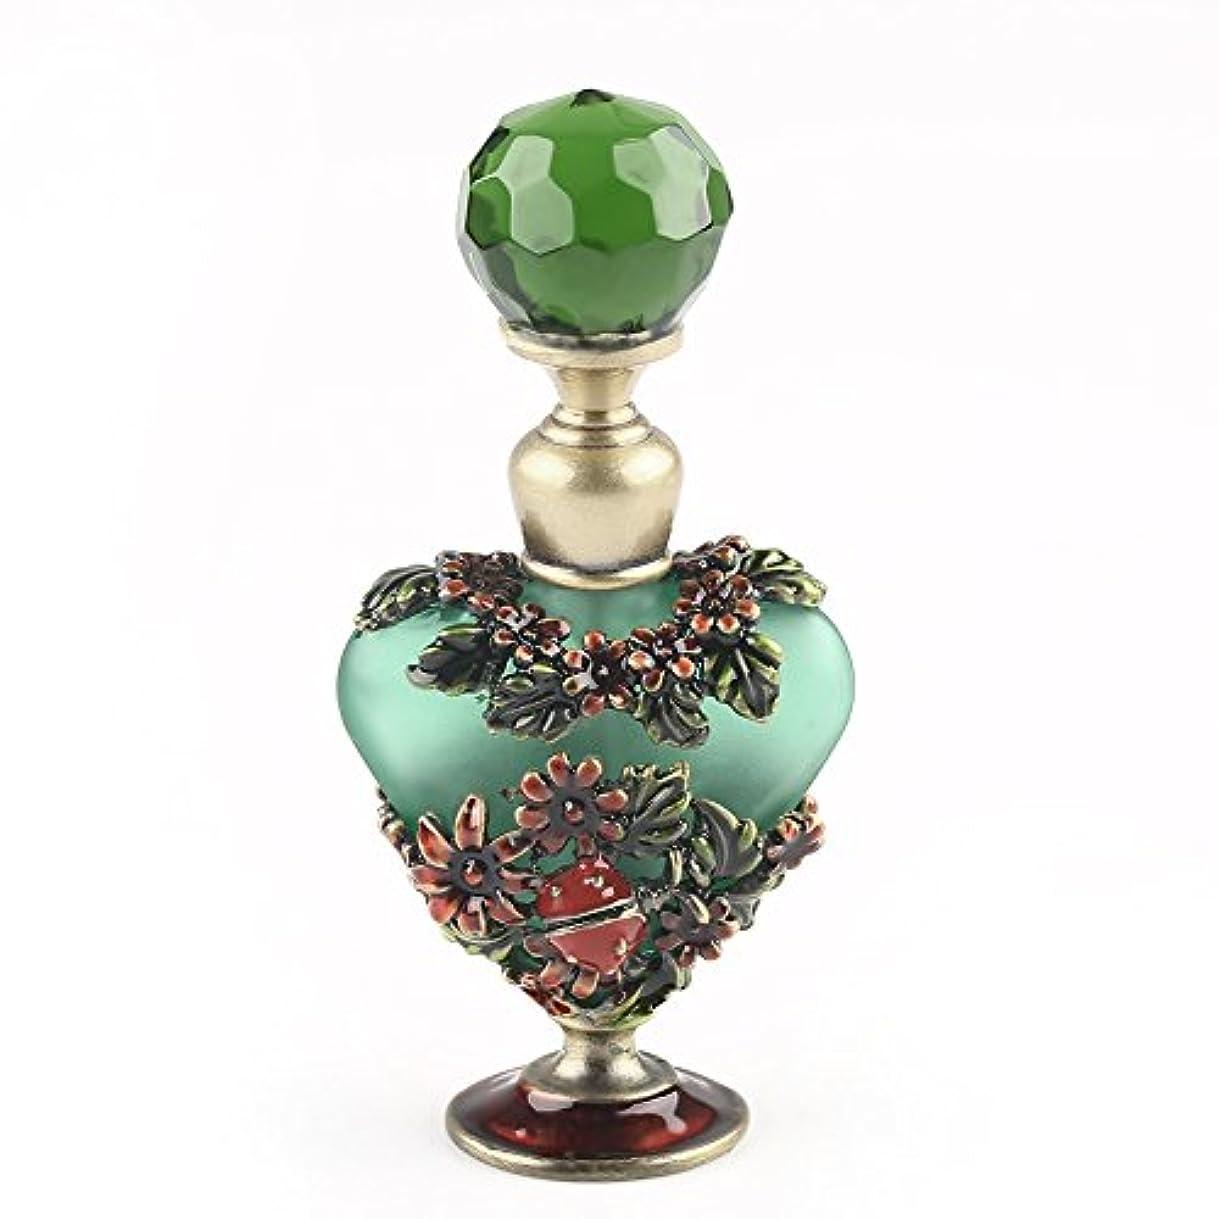 誇張するキリスト不規則なVERY100 高品質 美しい香水瓶/アロマボトル 5ML アロマオイル用瓶 綺麗アンティーク調 フラワーデザイン プレゼント 結婚式 飾り 70292